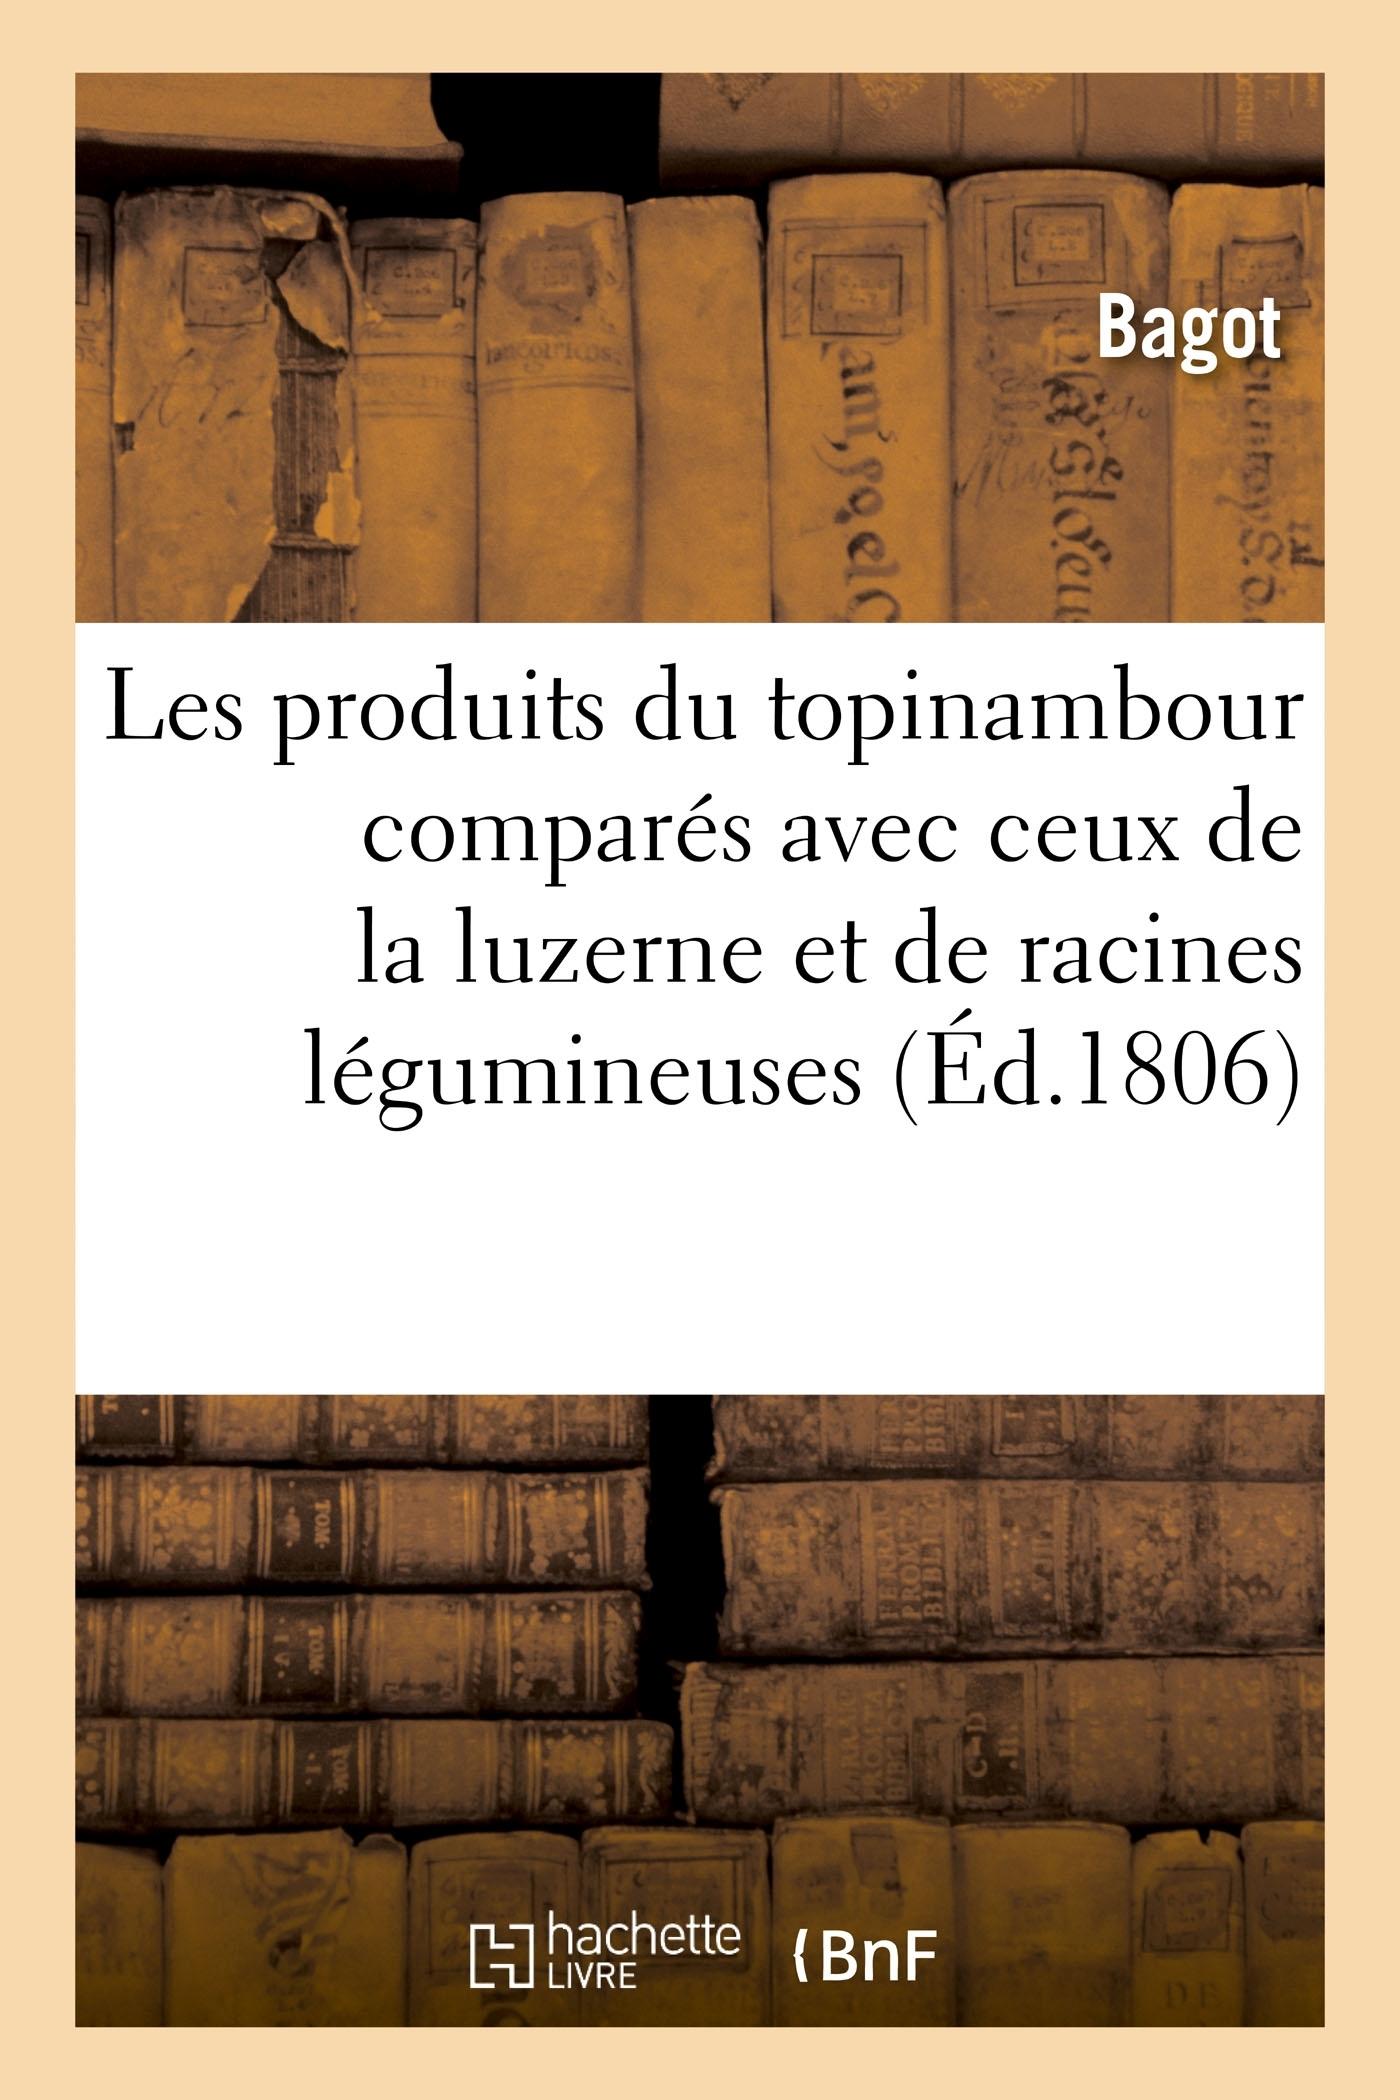 MEMOIRE SUR LES PRODUITS DU TOPINAMBOUR COMPARES AVEC CEUX DE LA LUZERNE - ET DE PLUSIEURS RACINES L